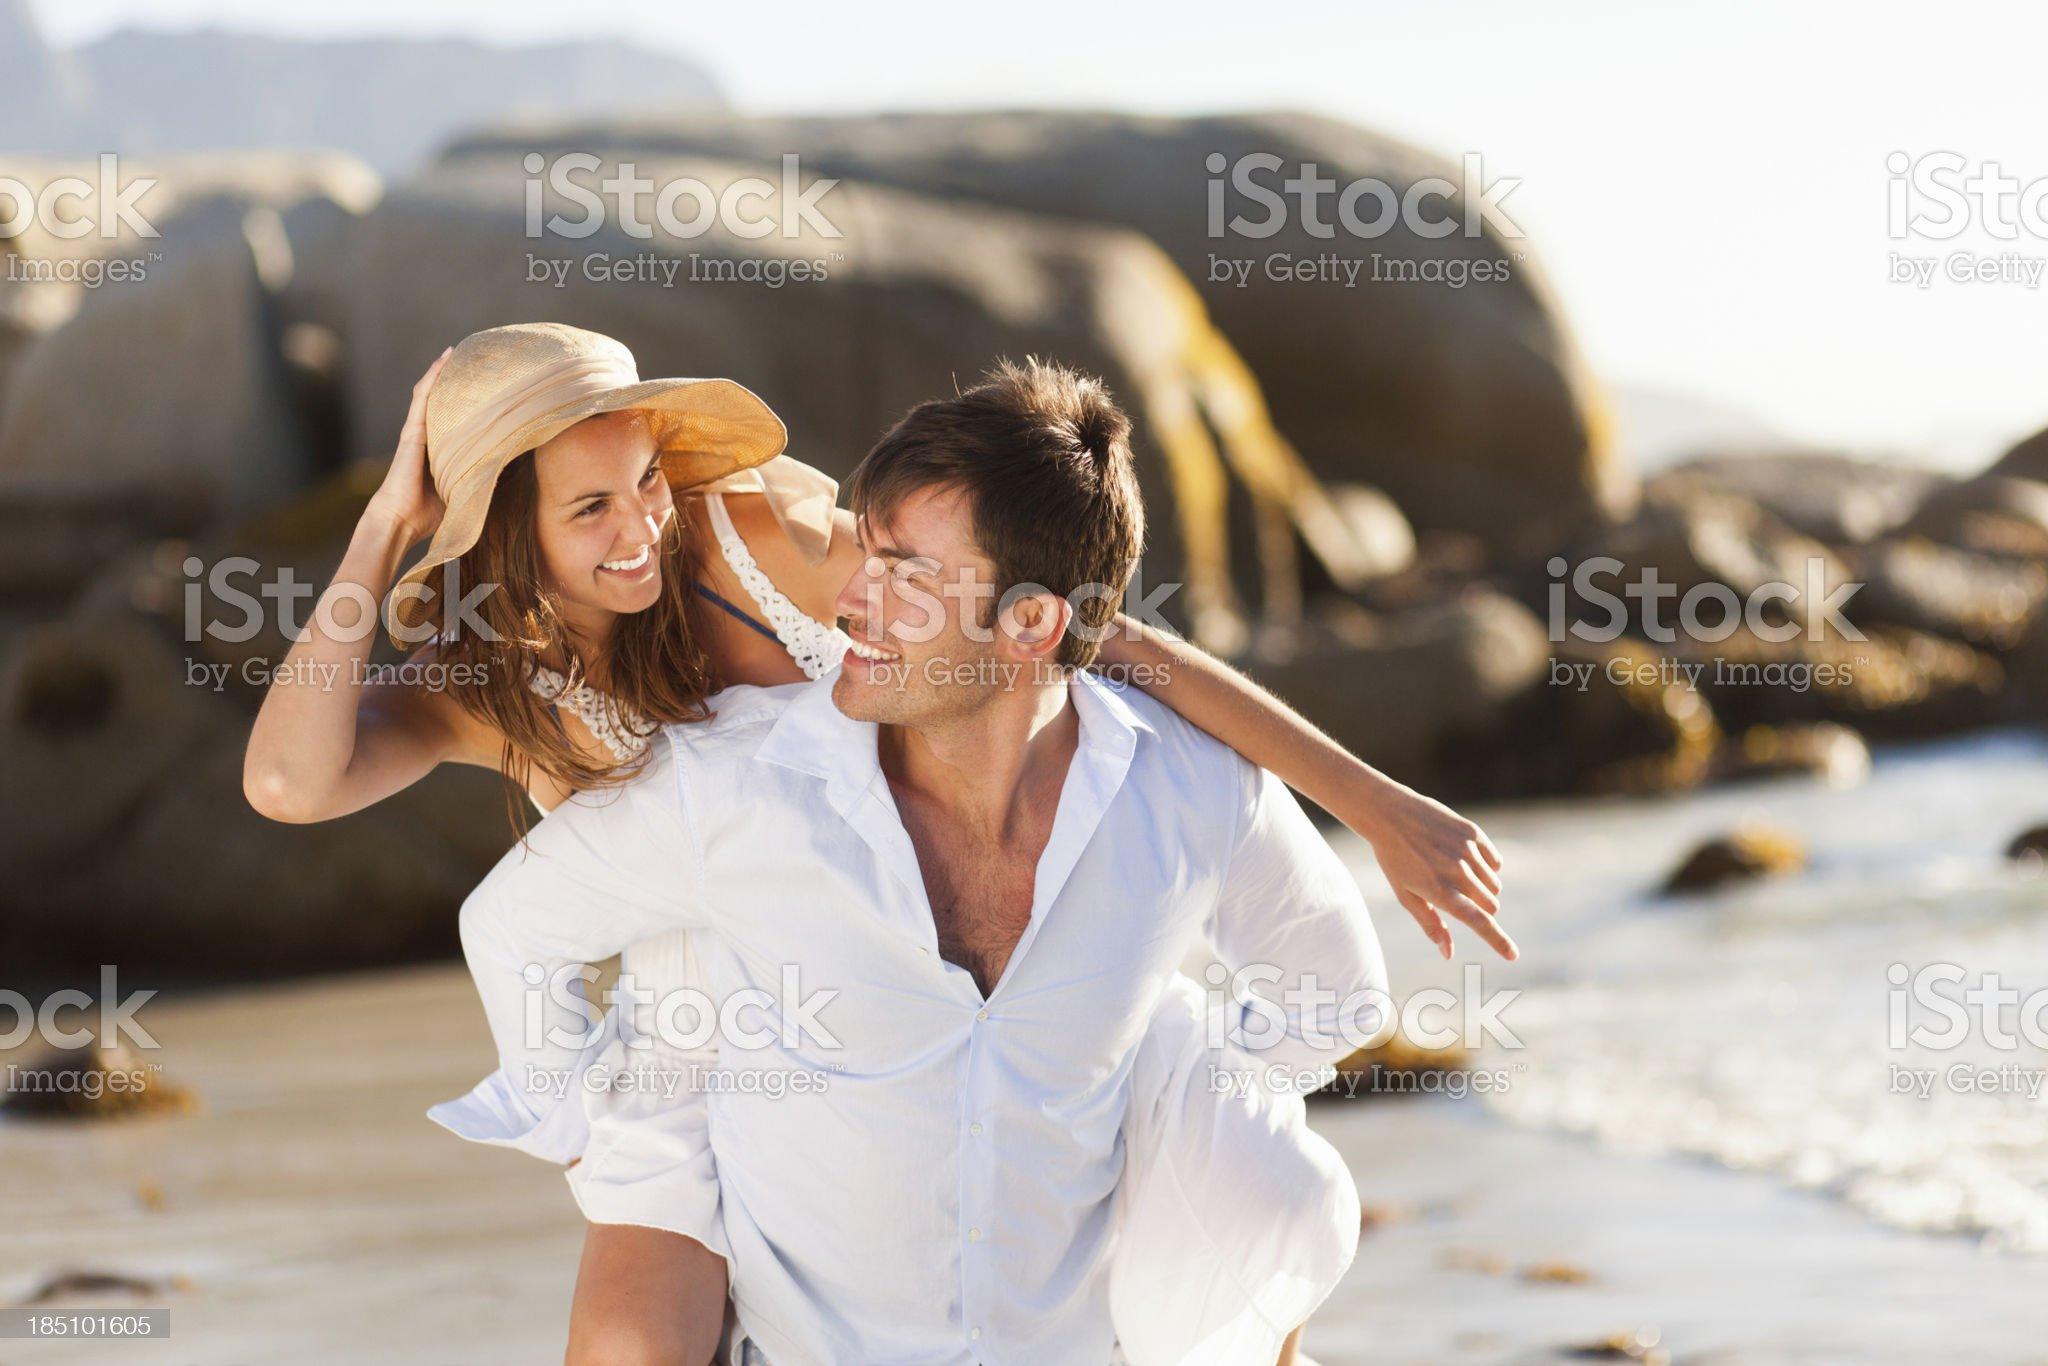 Loving Couple Piggybacking Together royalty-free stock photo